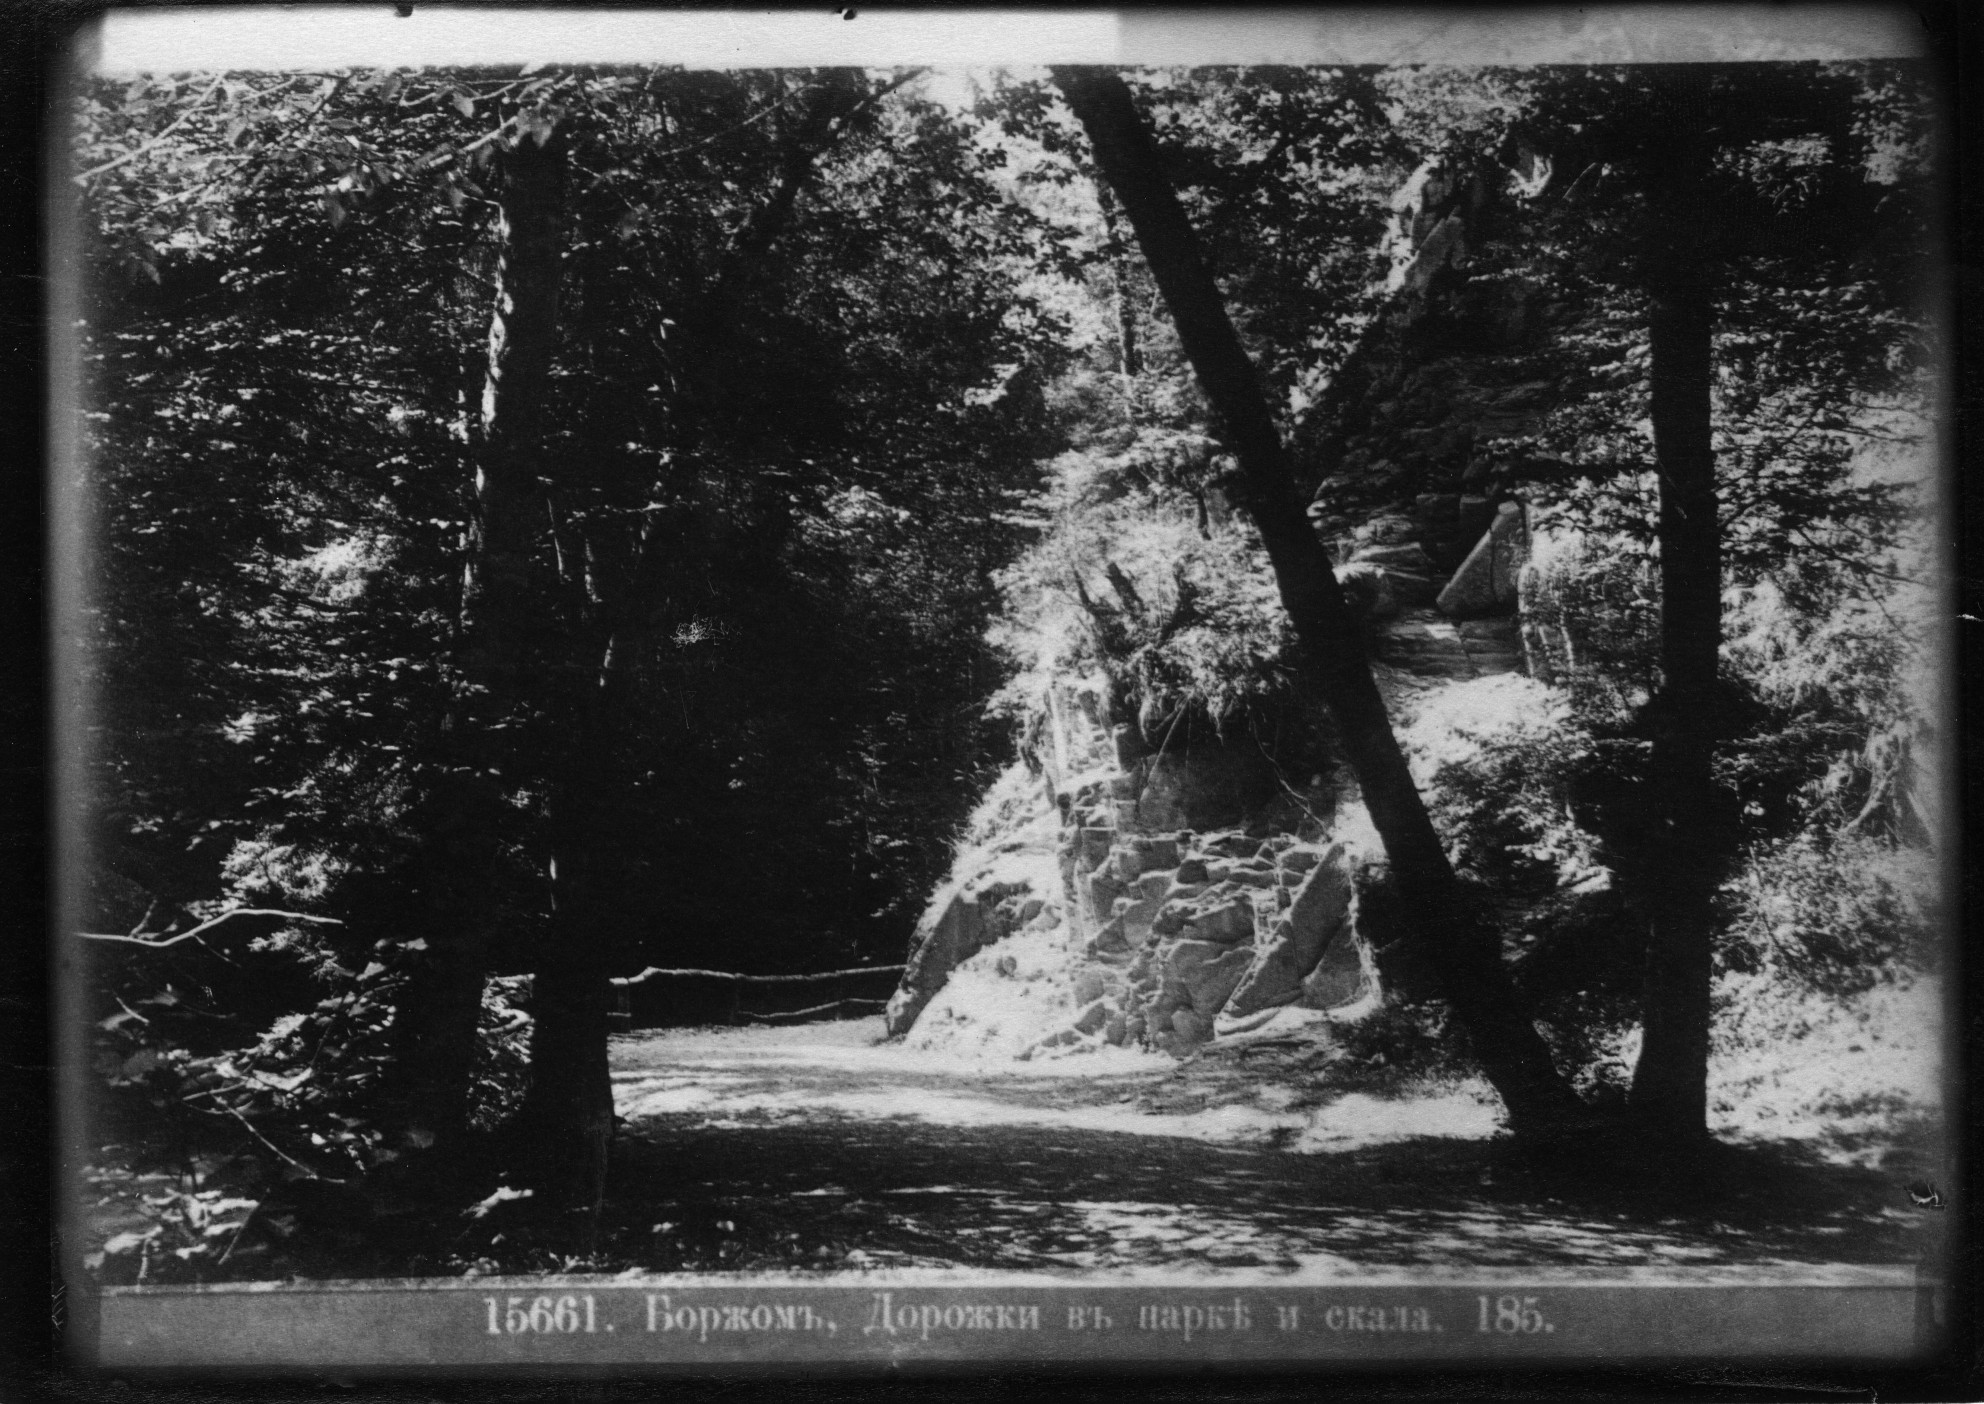 Дорожка в Воронцовском парке и скала